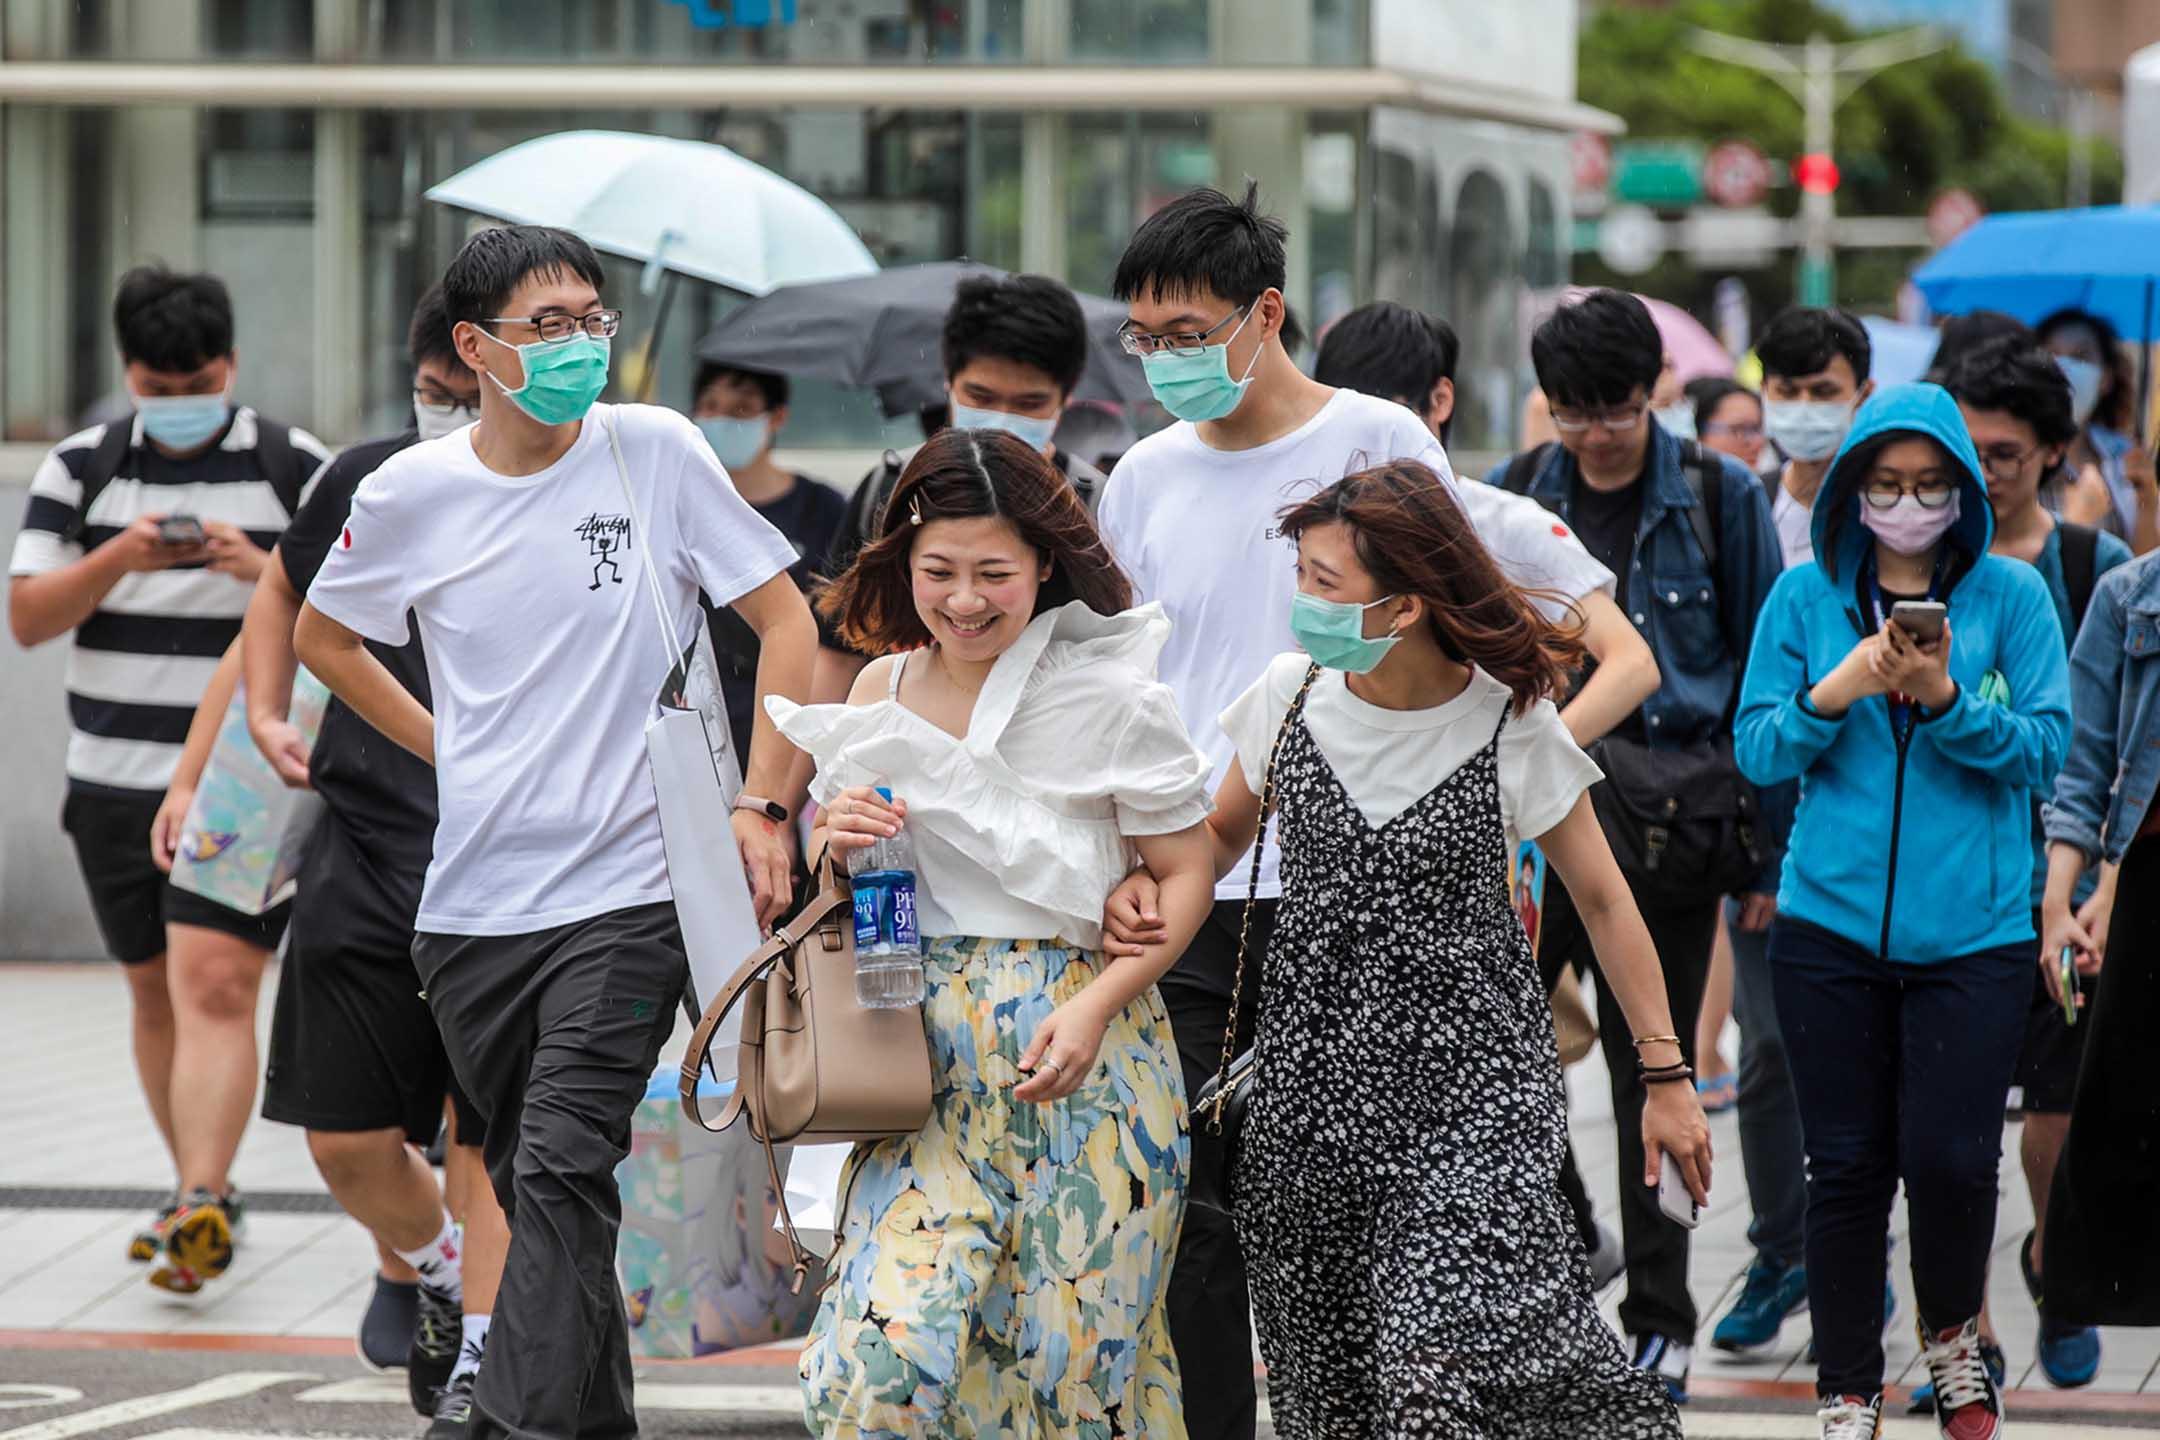 2020年7月30日台灣台北,行人橫穿馬路。